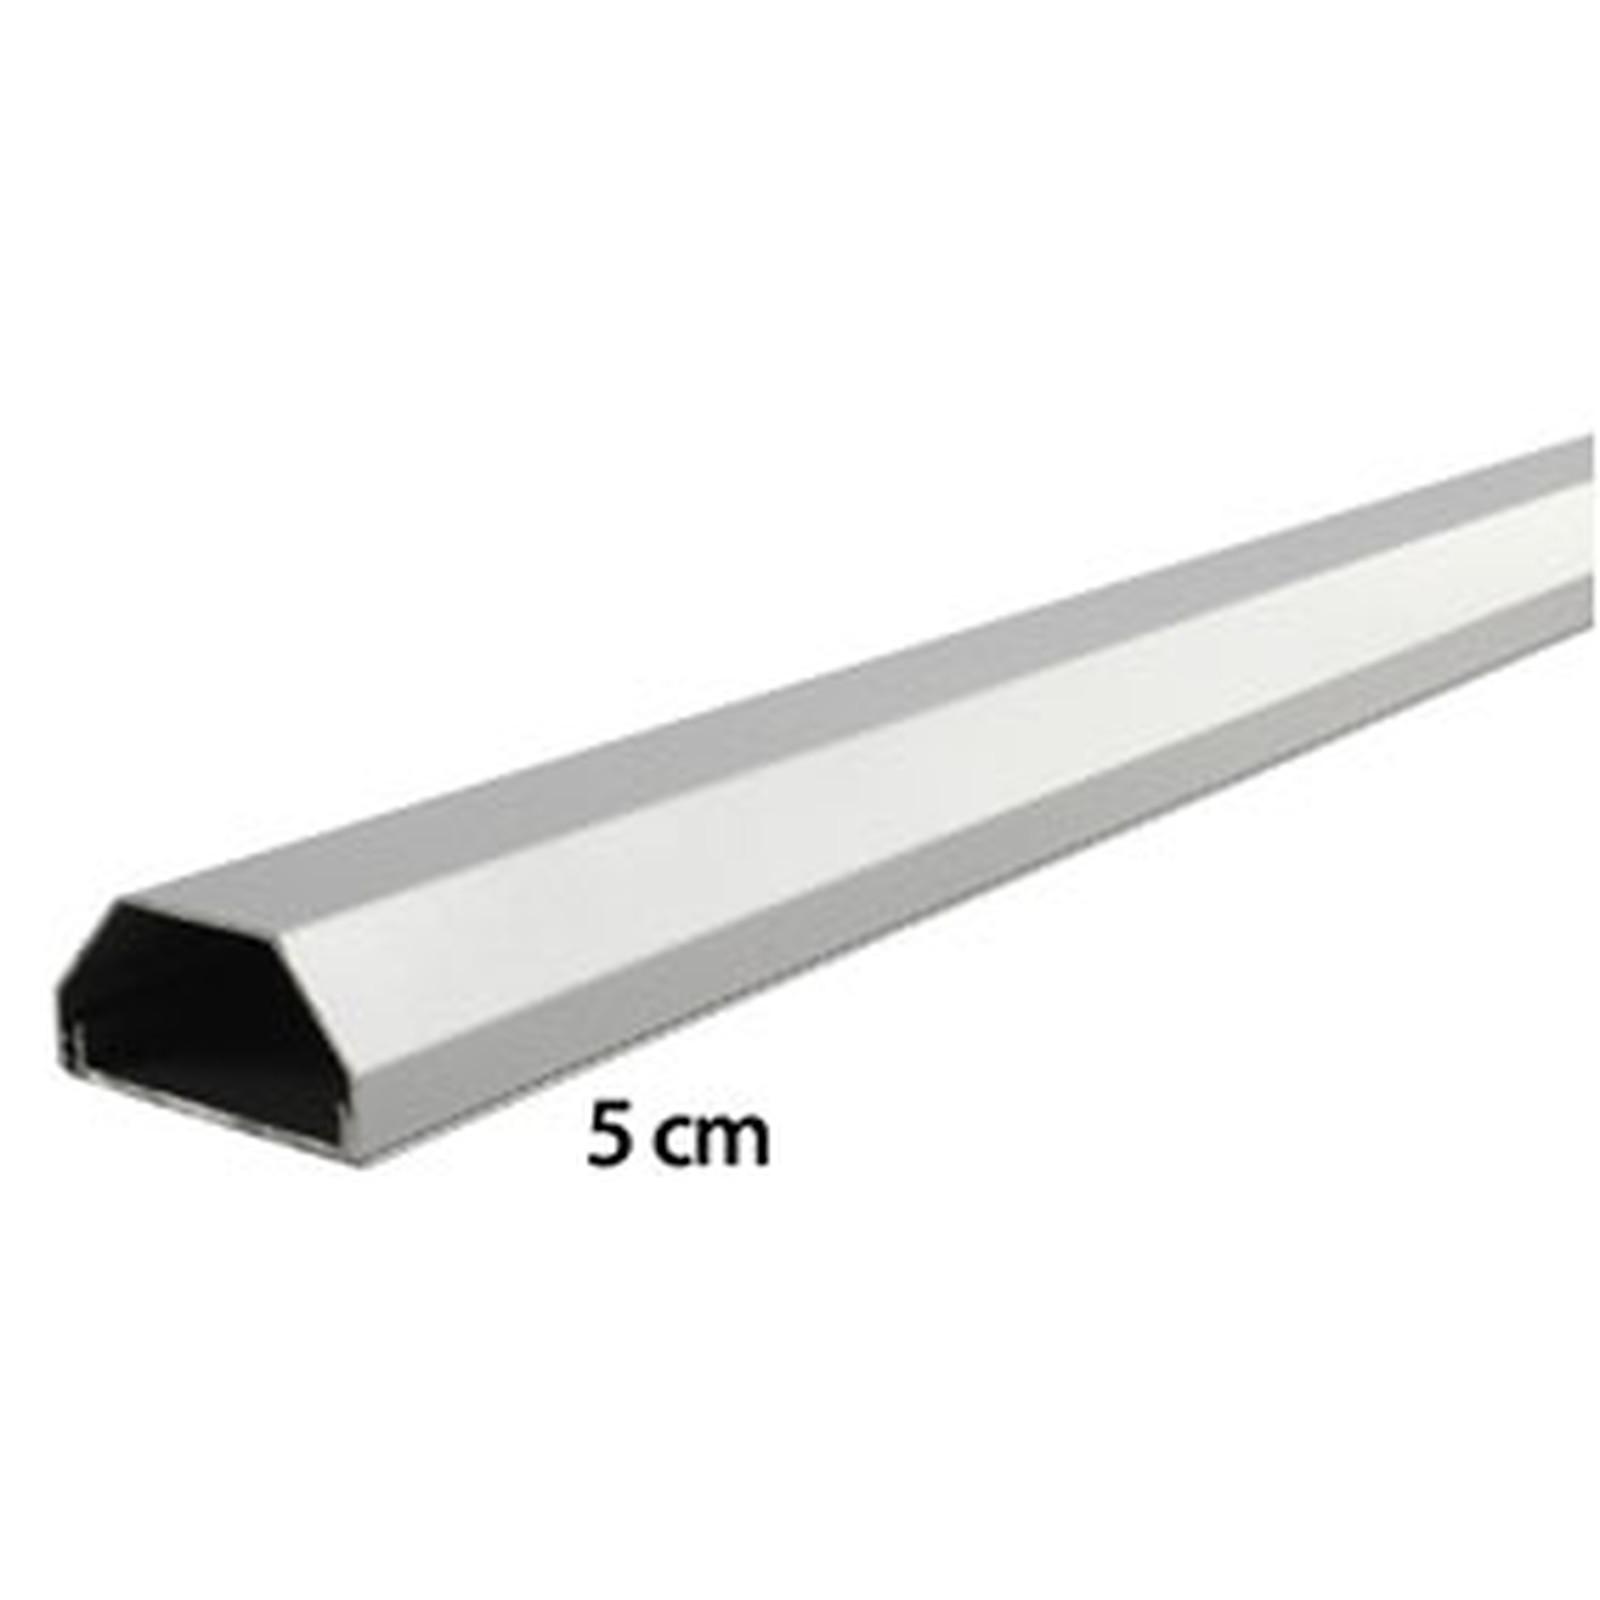 Goulotte Pour Plafond goulotte cache-câbles (110 x 5 cm) - (coloris gris) - passe